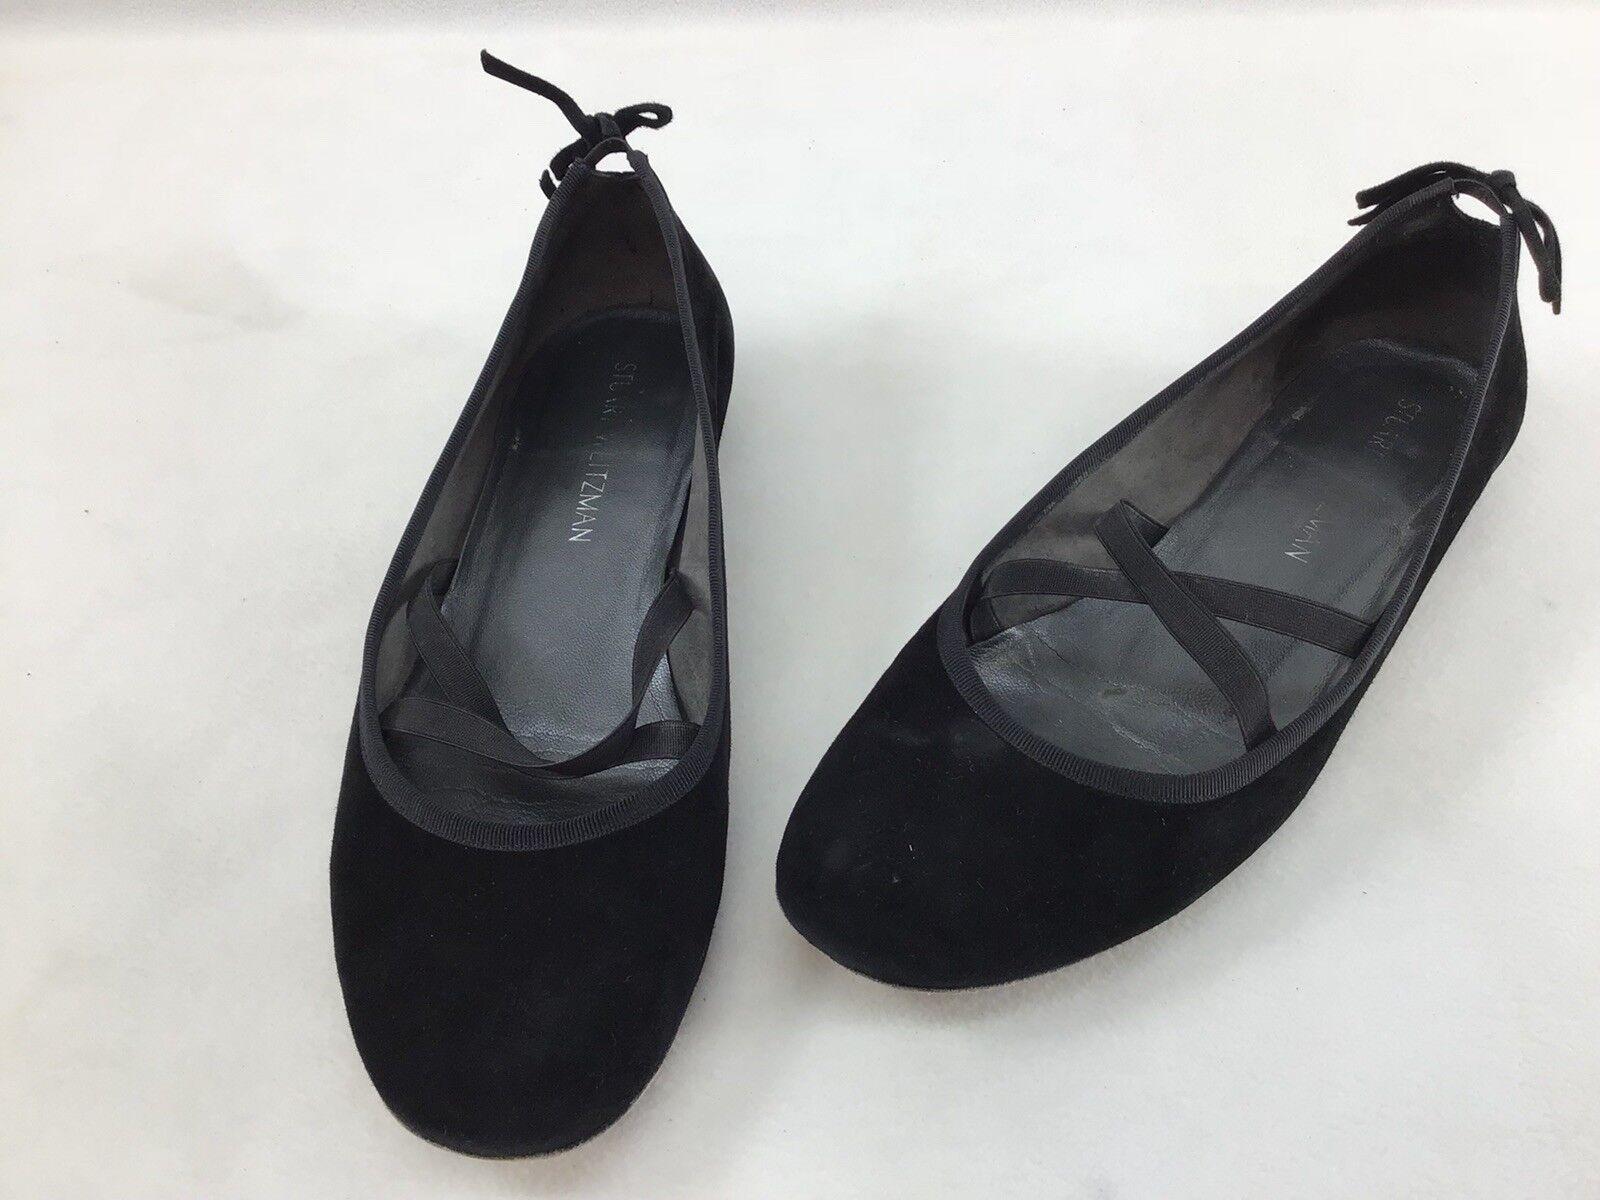 Stuart Weitzman Bolshoi Black Suede Suede Suede Ballet Flats Size 9.5M  F1654  de7008